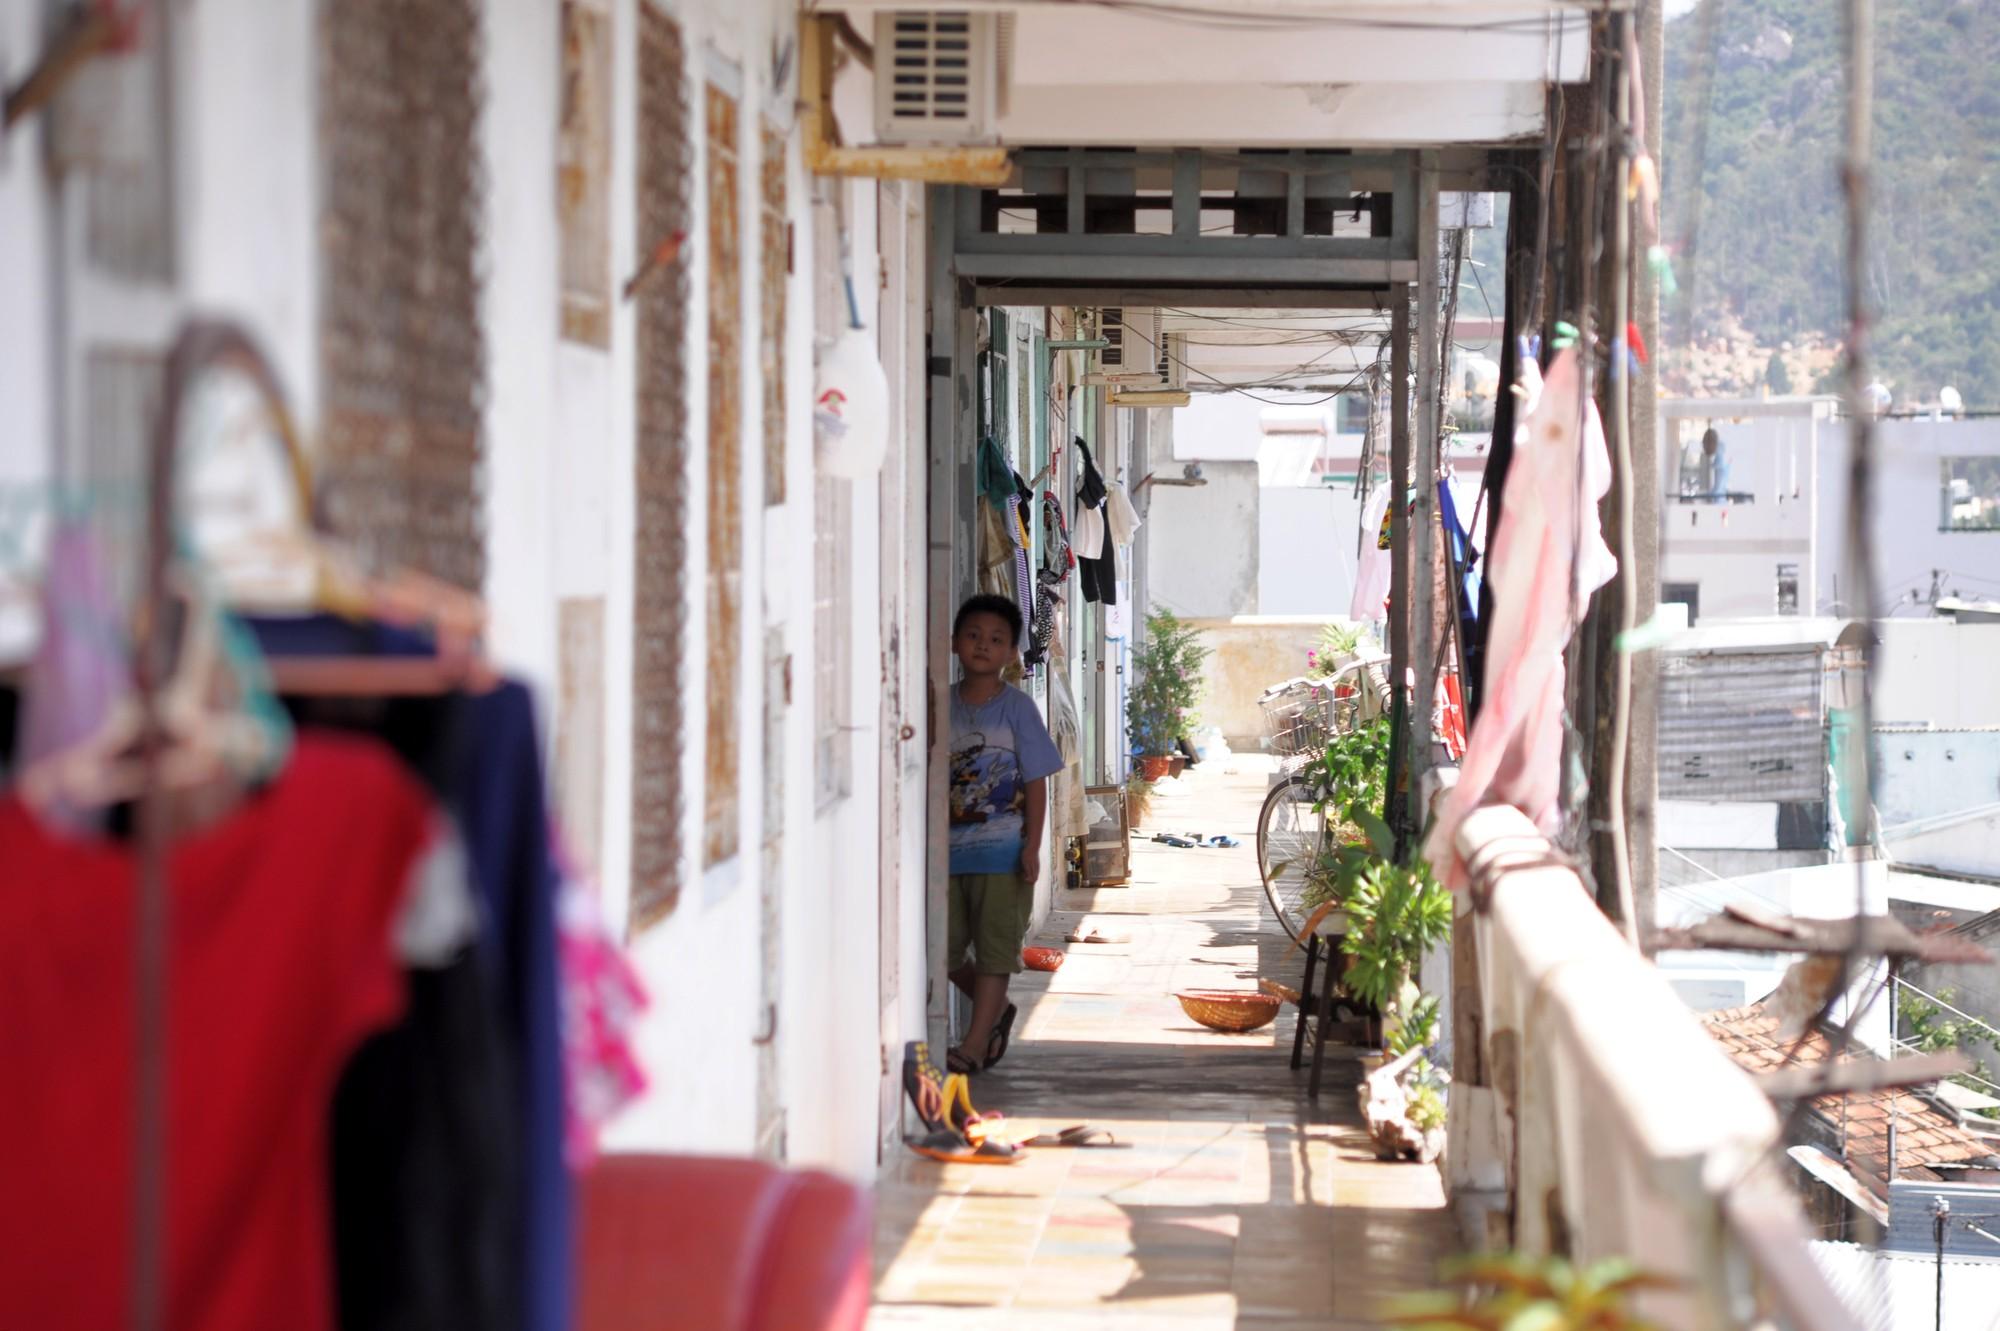 chung cư chợ đầm Nha trang (13)